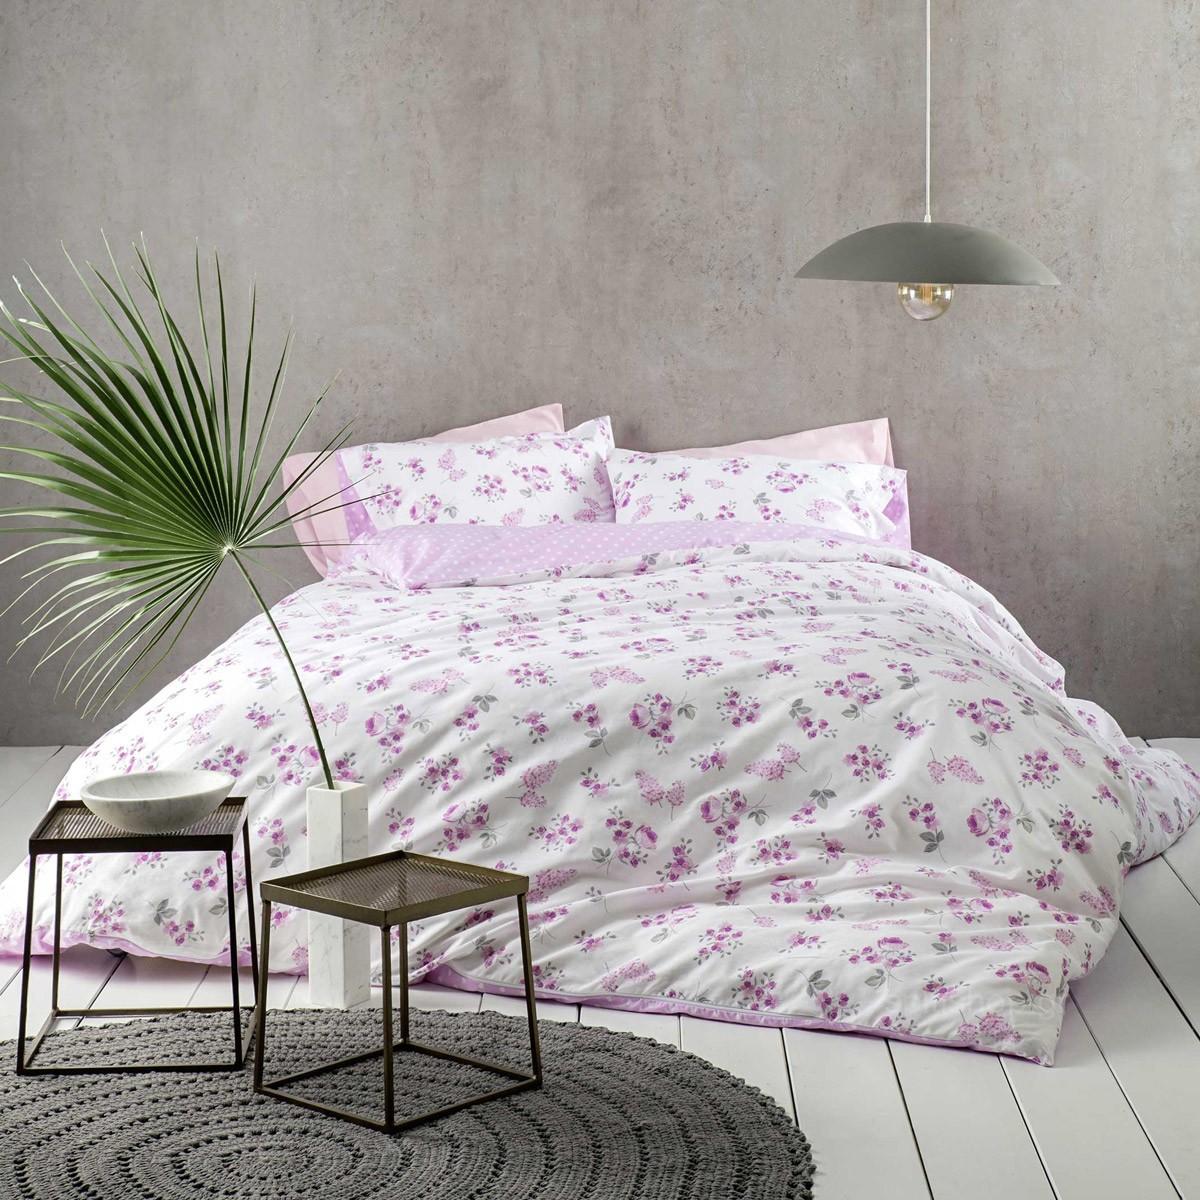 Σεντόνια Μονά (Σετ) Nima Bed Linen Alyssa Pink ΜΕ ΛΑΣΤΙΧΟ 100×200+32 ΜΕ ΛΑΣΤΙΧΟ 100×200+32